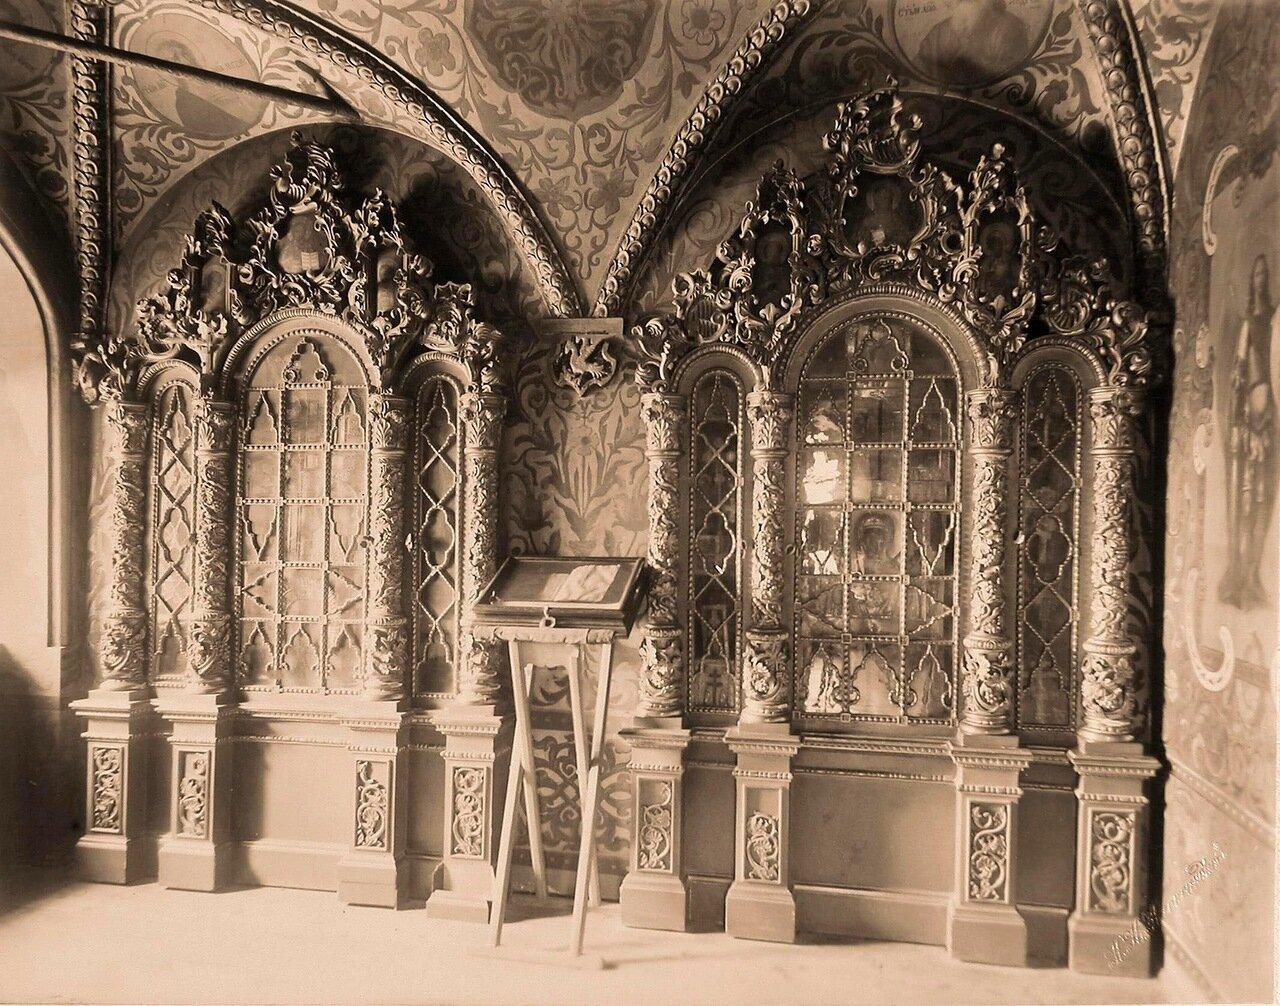 Вид резных позолоченных киотов в царской молельне Теремного дворца